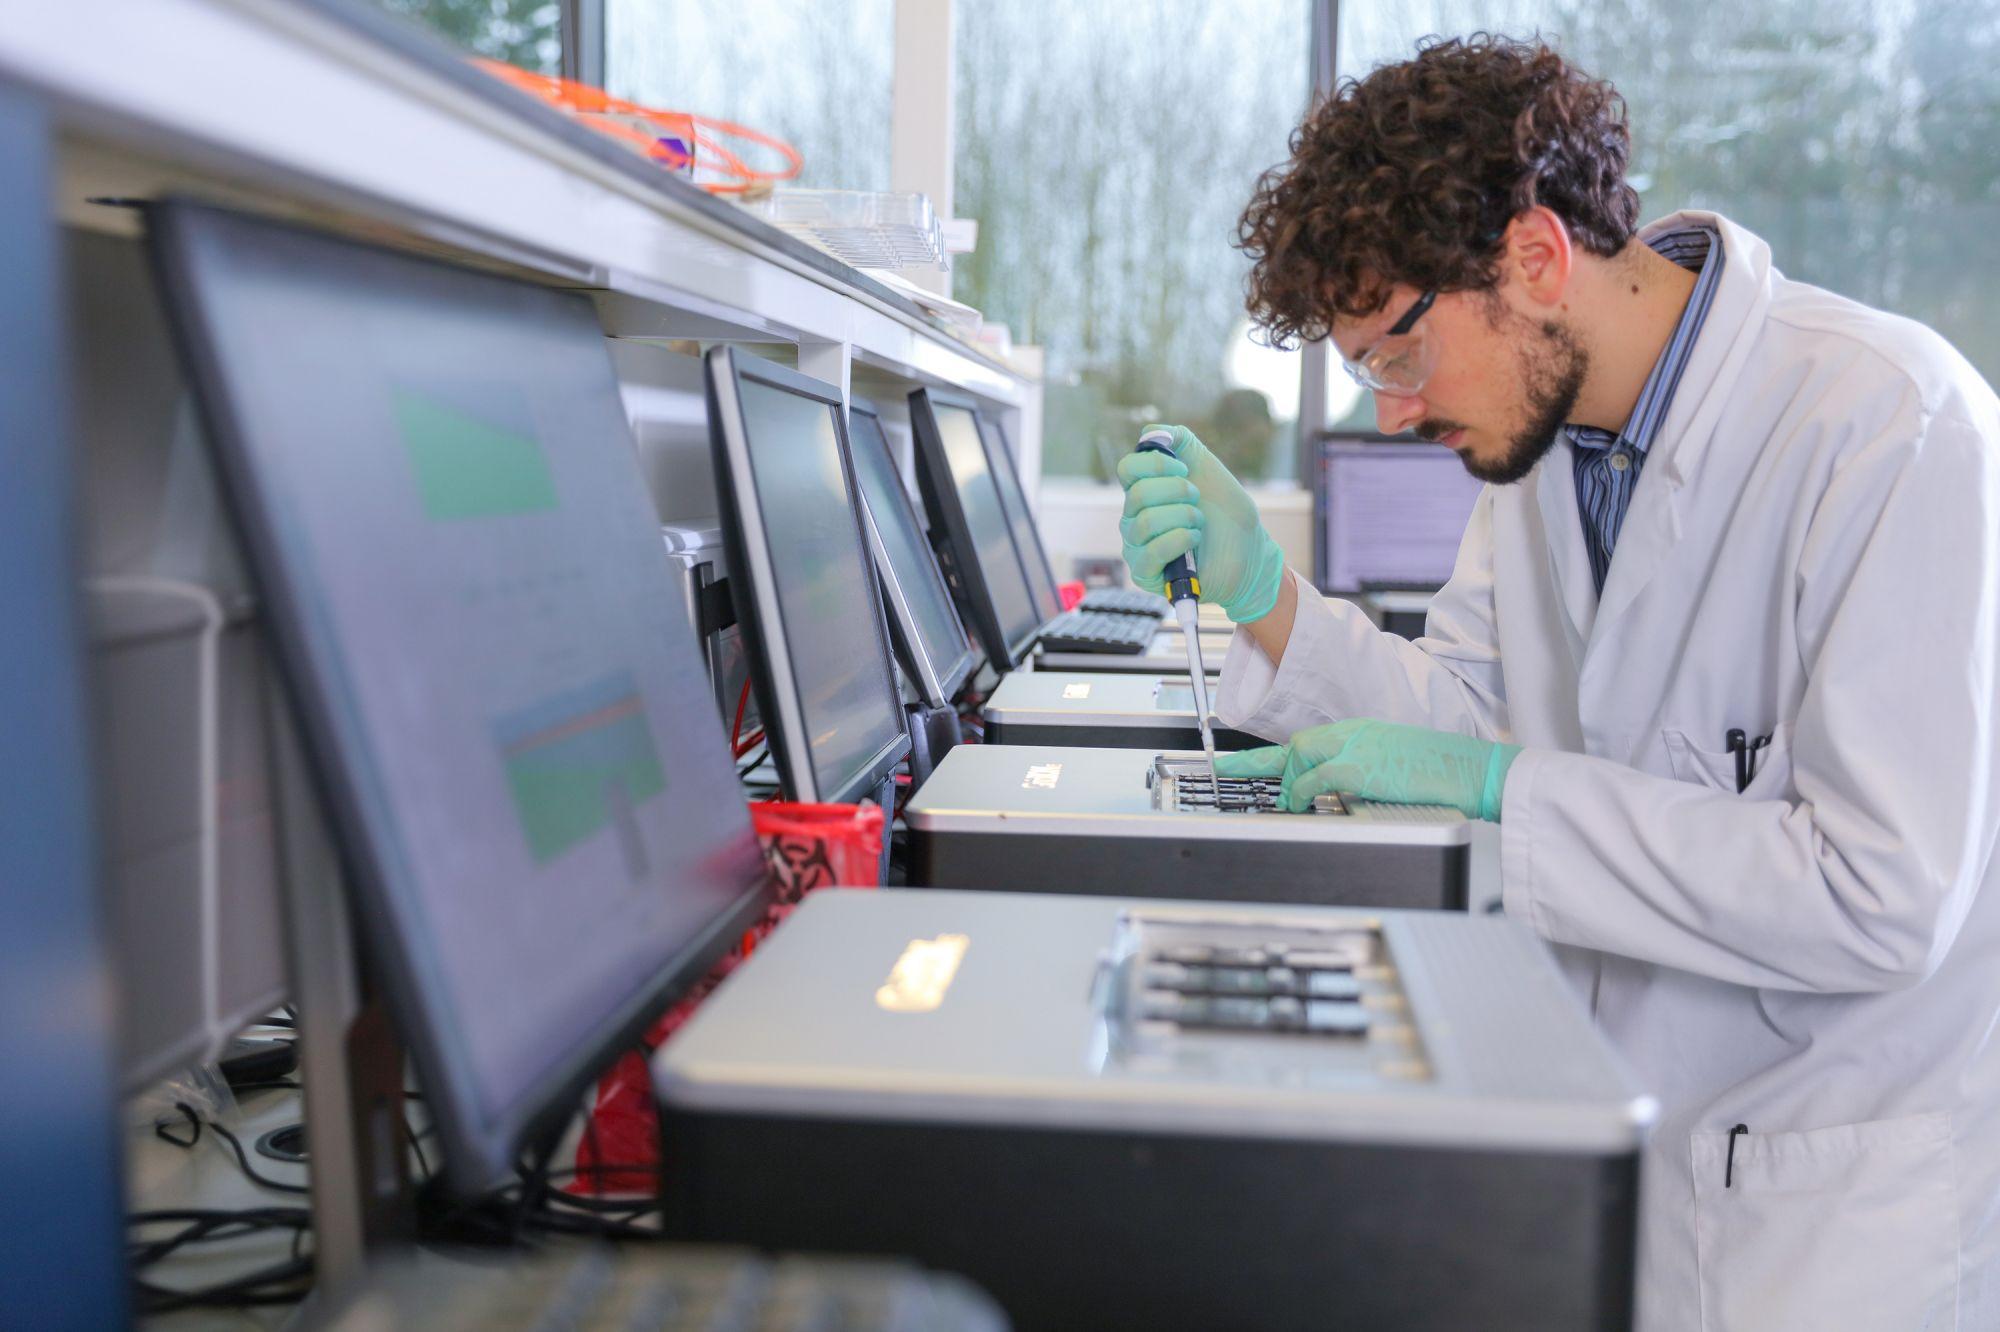 Быстрый синтез. Экспериментальный синтезатор стартапа Catalog внешне напоминает обычный лабораторный аппарат, но работает намного быстрее. Машина собирает цепочки ДНК из множества заранее скомбинированных фрагментов, а не из отдельных нуклеотидов